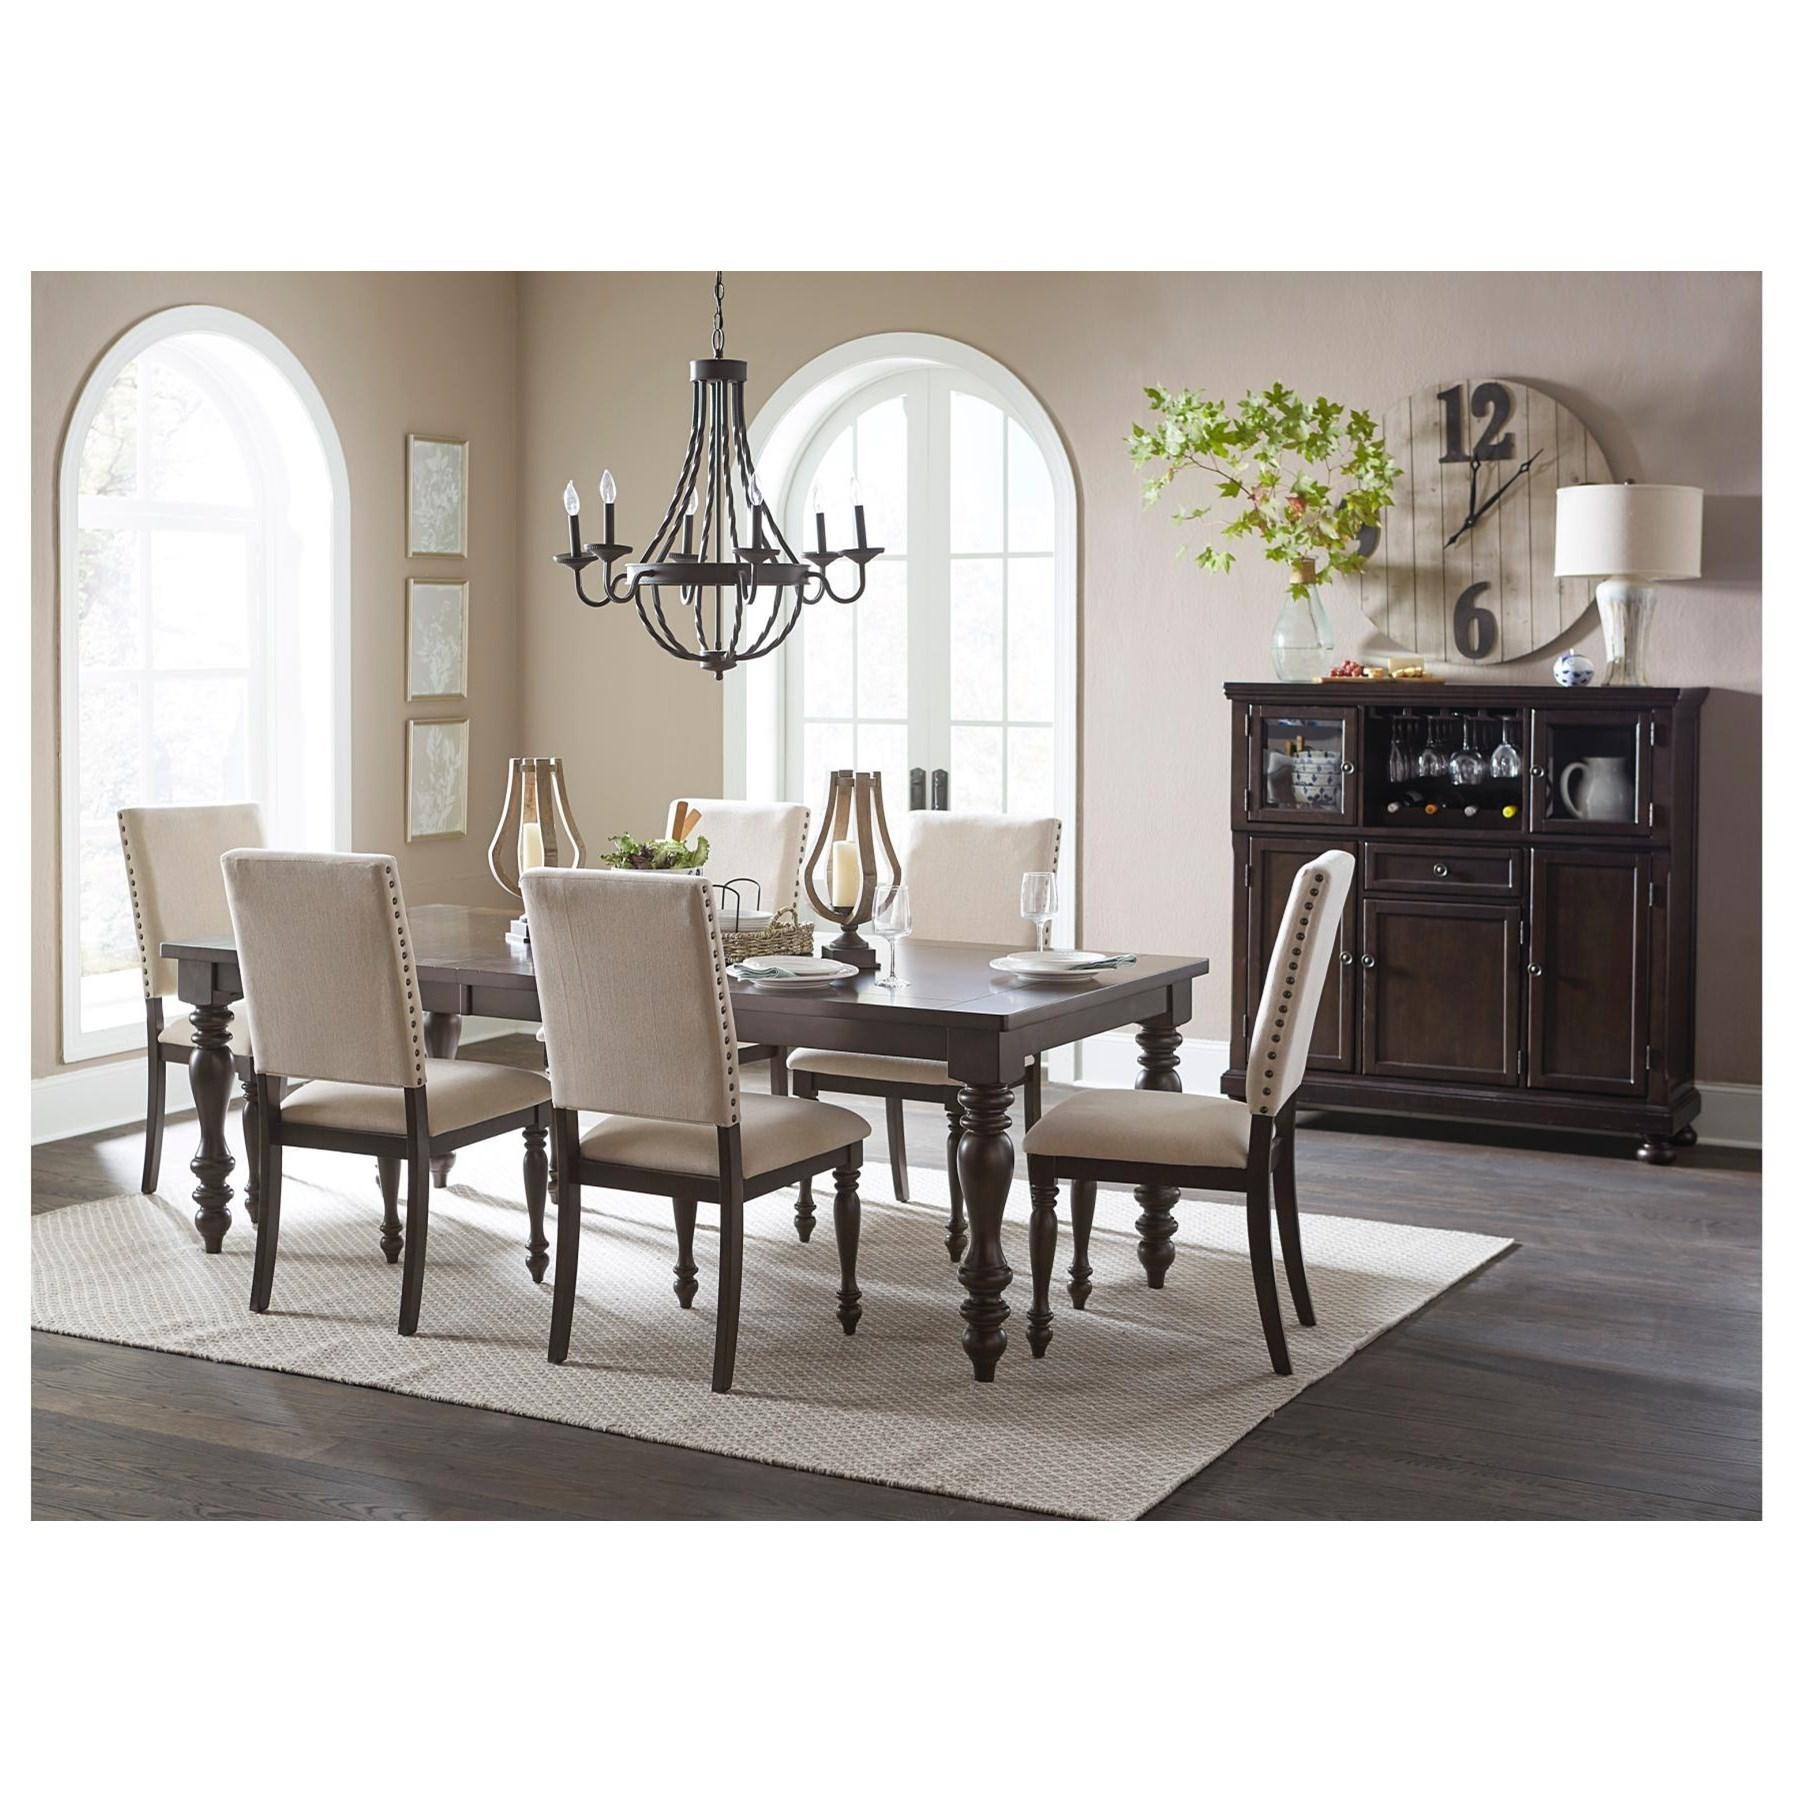 Homelegance Begonia Formal Dining Room Group